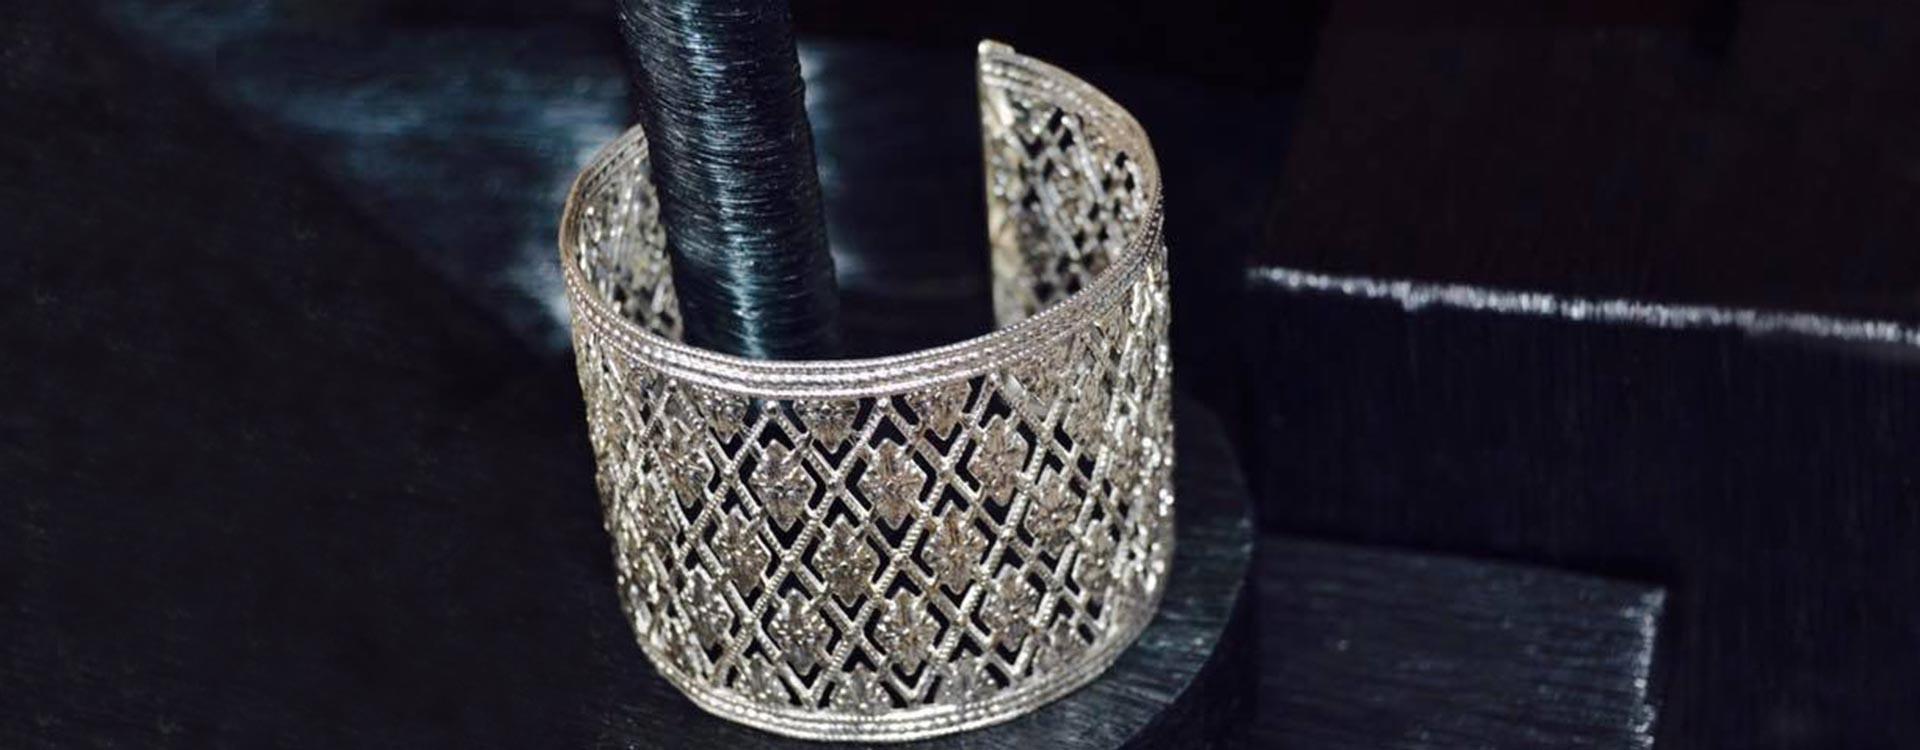 Bracelet grillage vieil argent